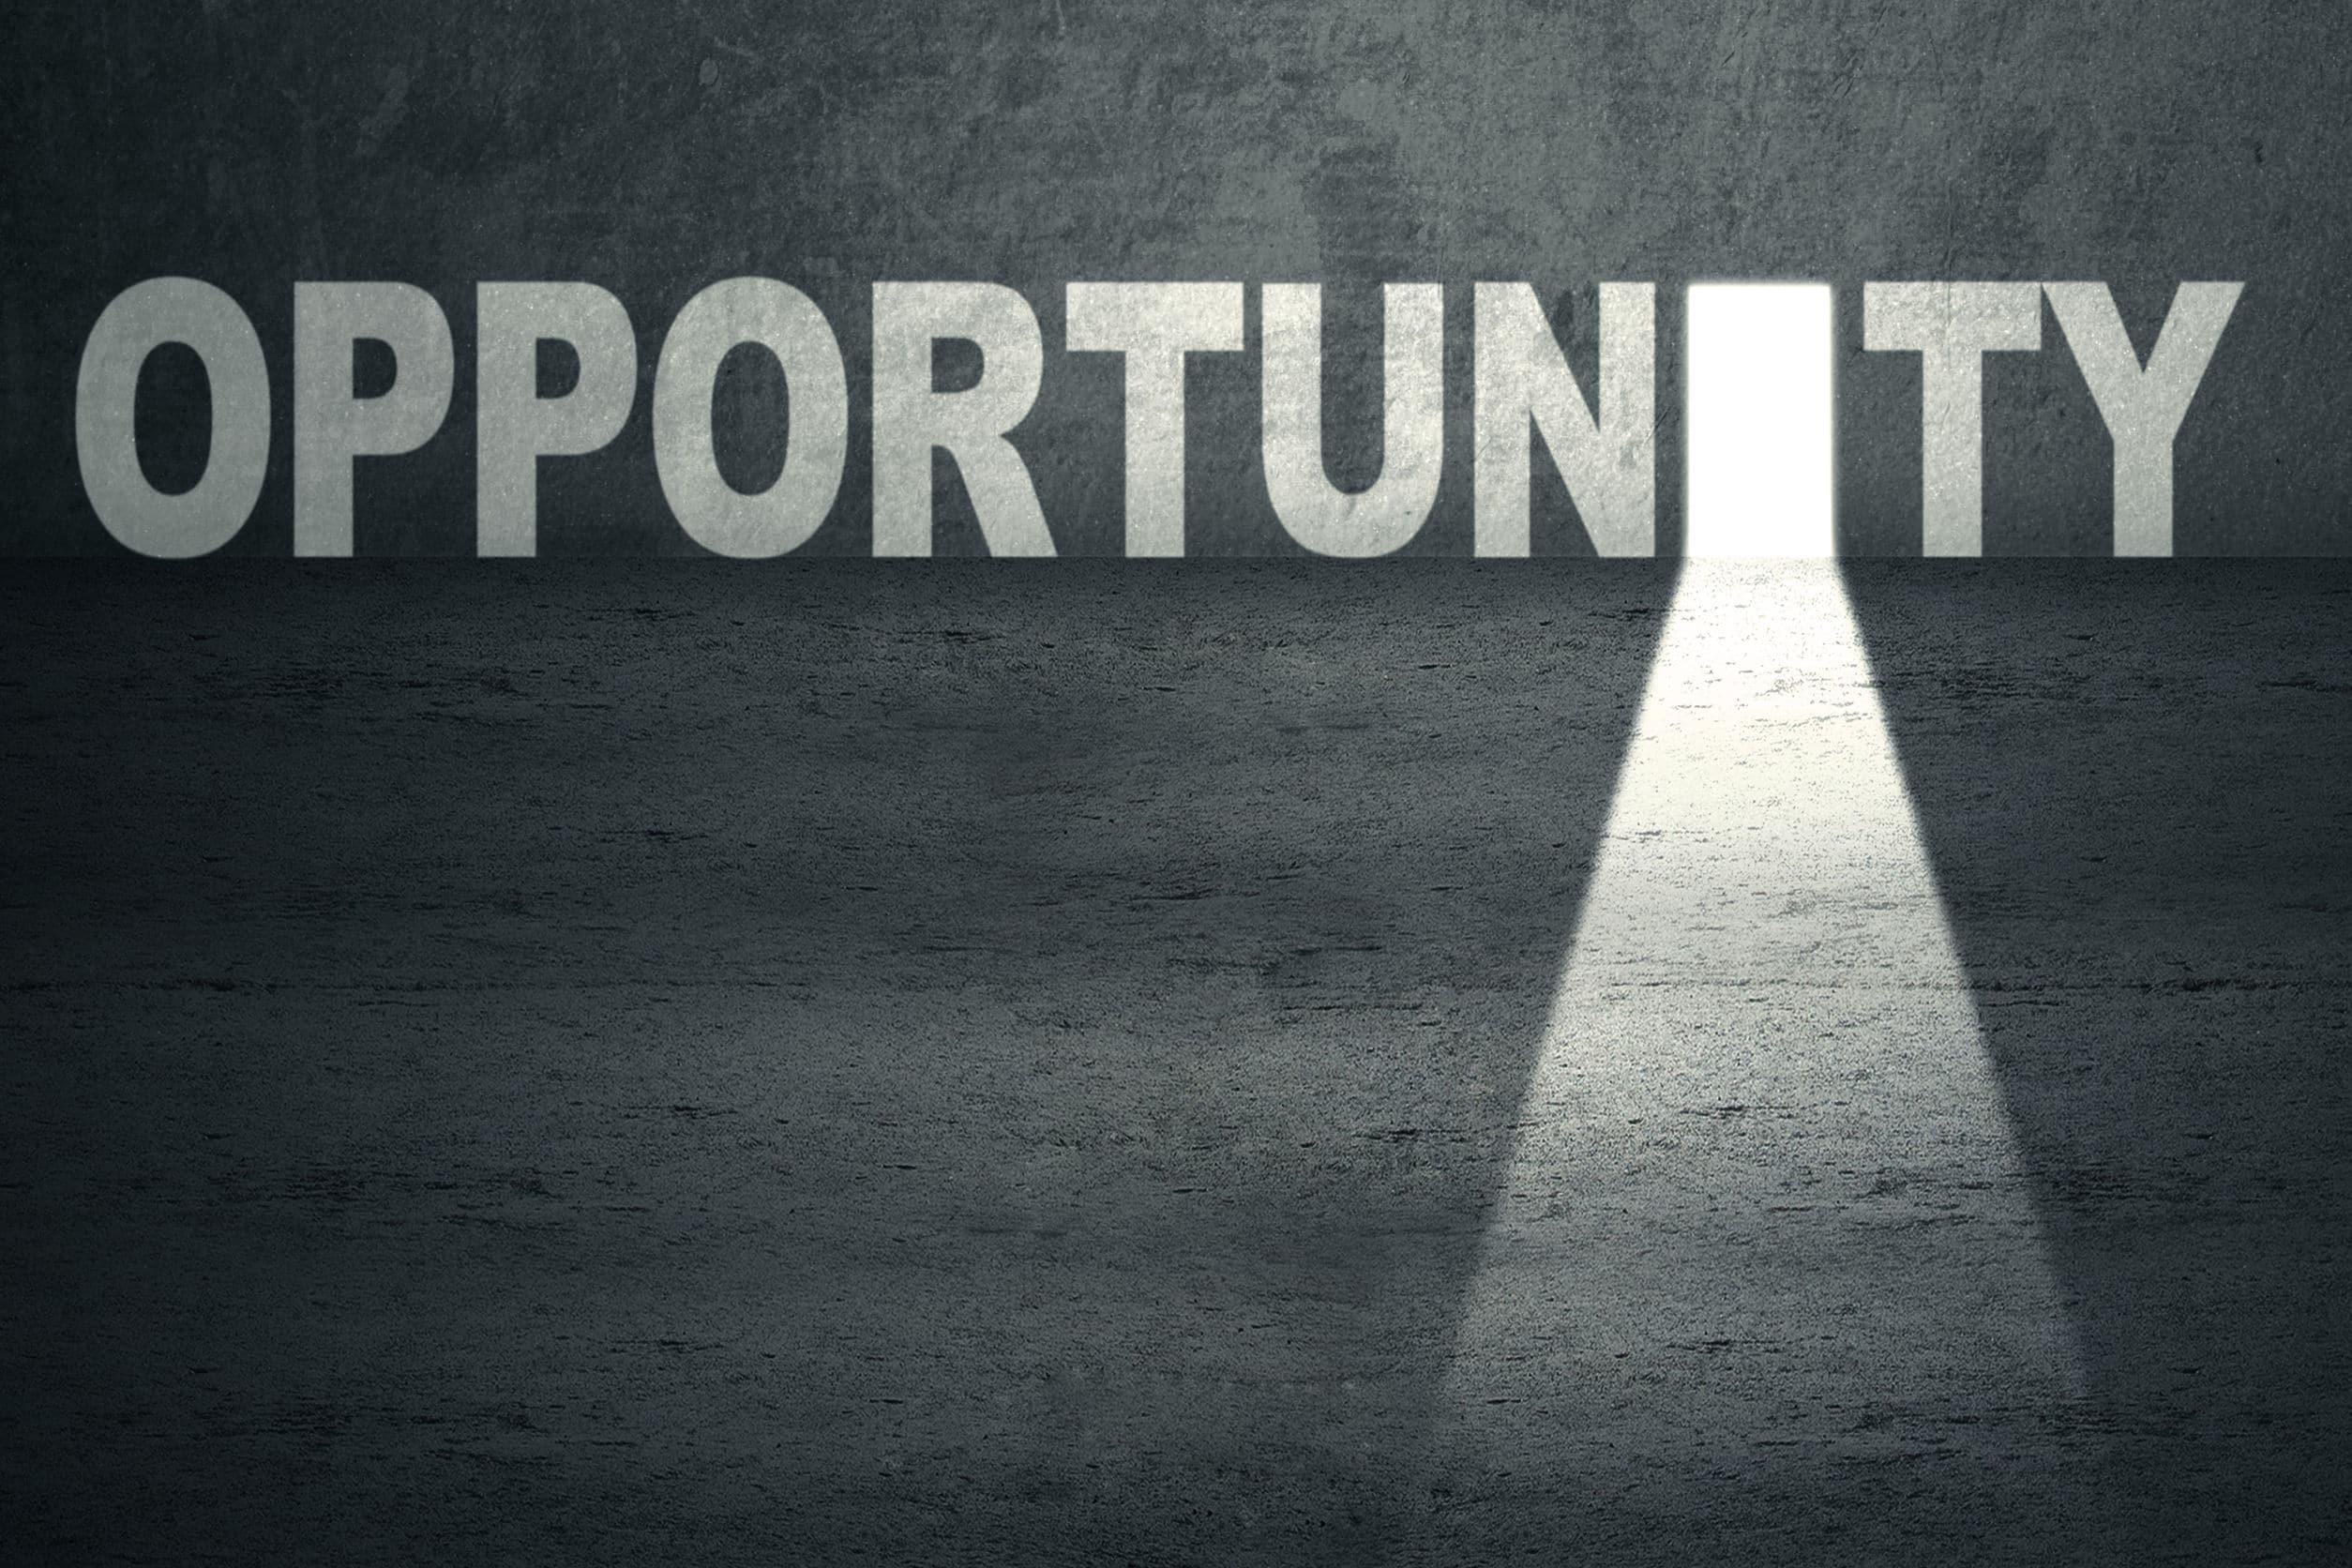 HempWorx Nigeria New MLM CBD Business Opportunity